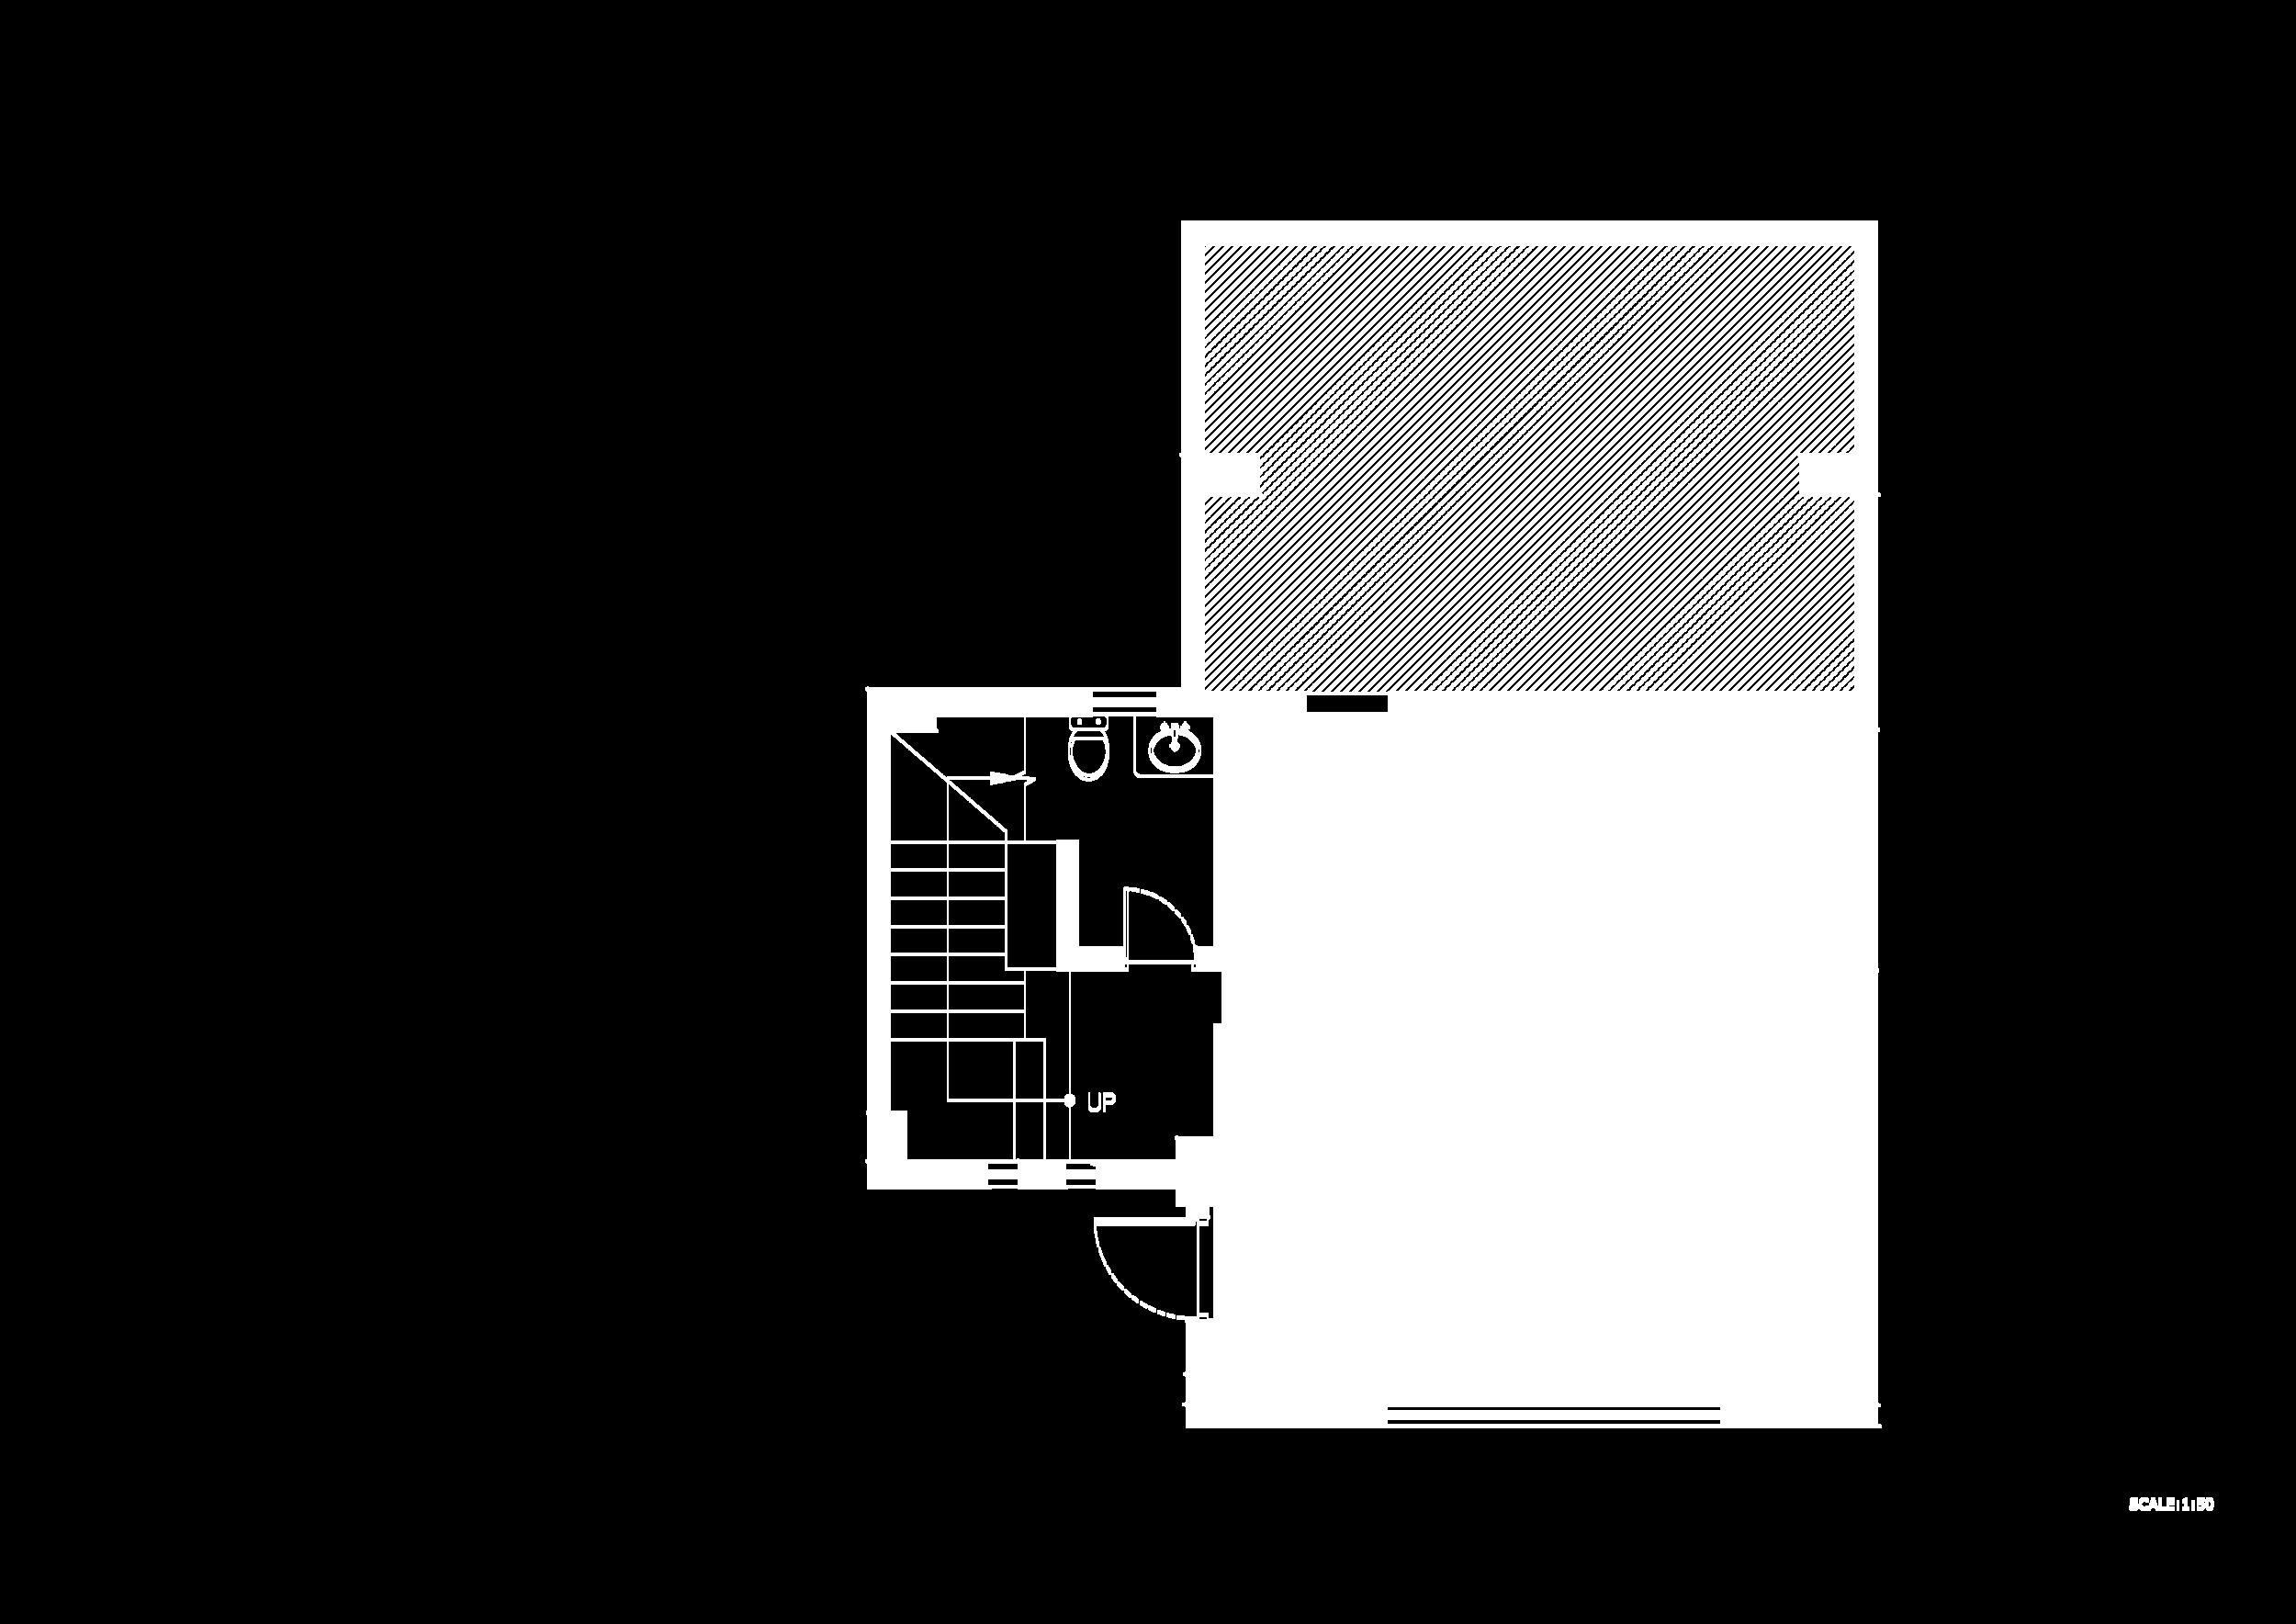 餐廳1f位置圖.png